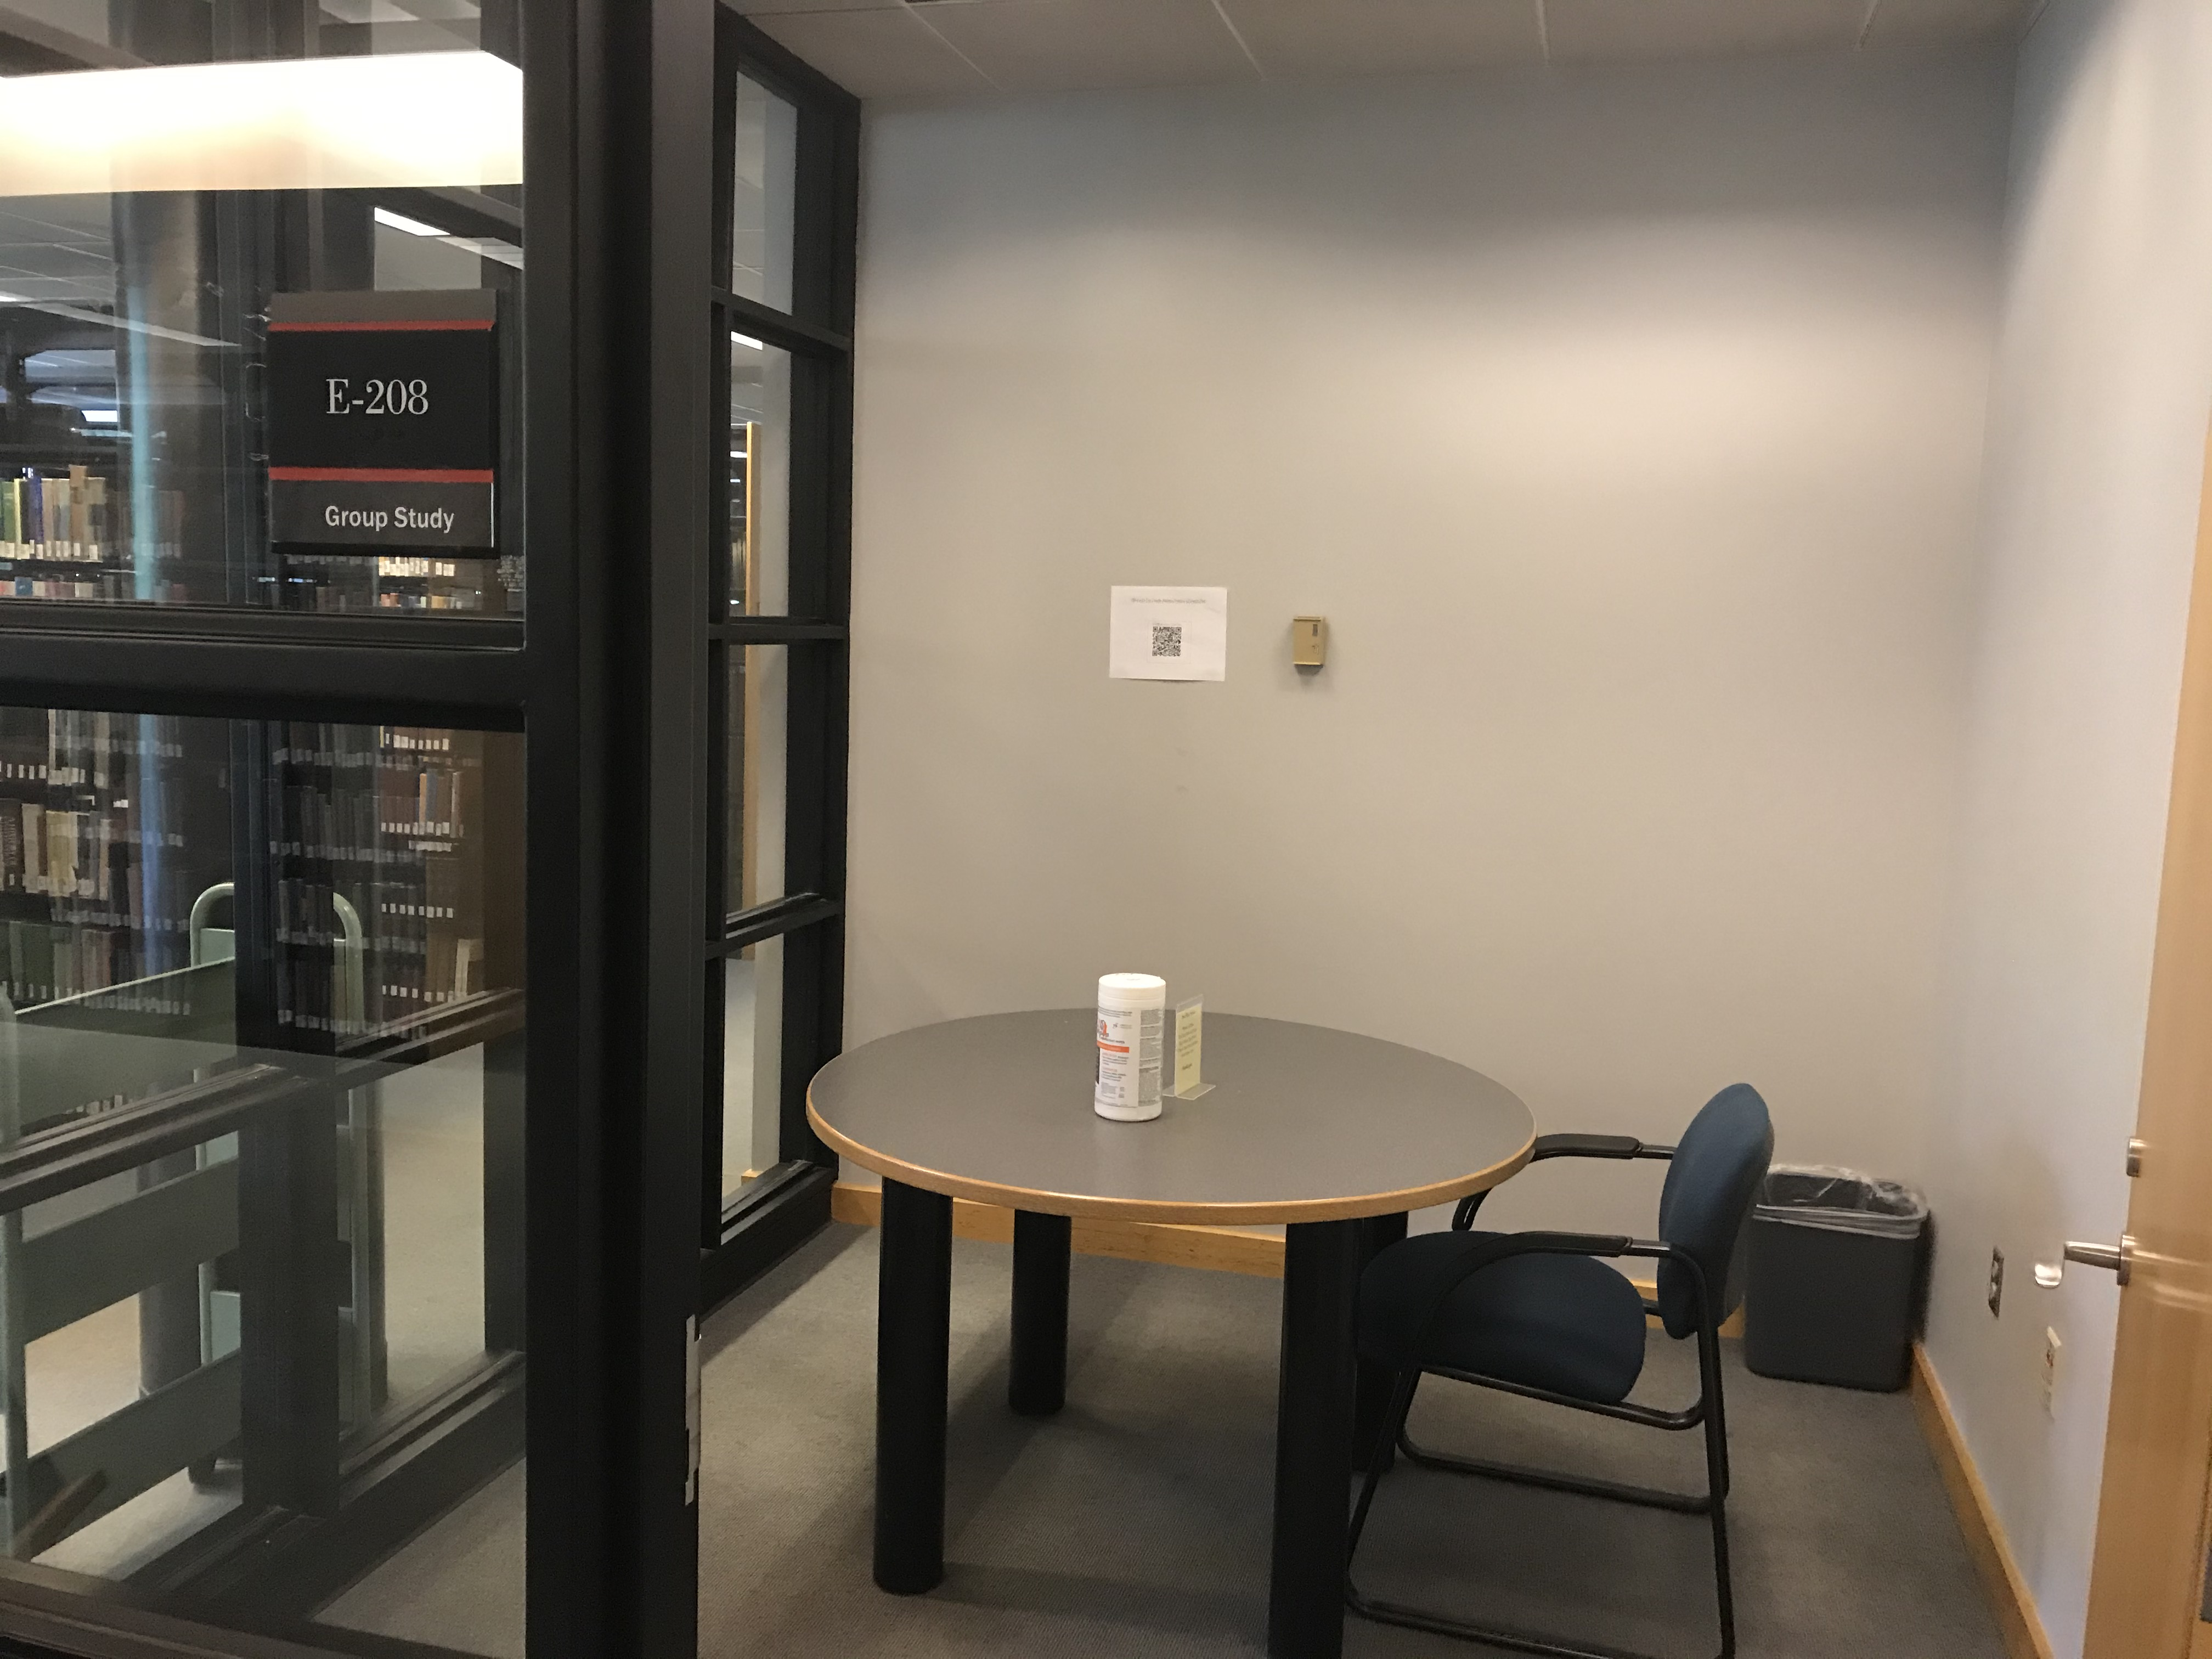 study room E-208